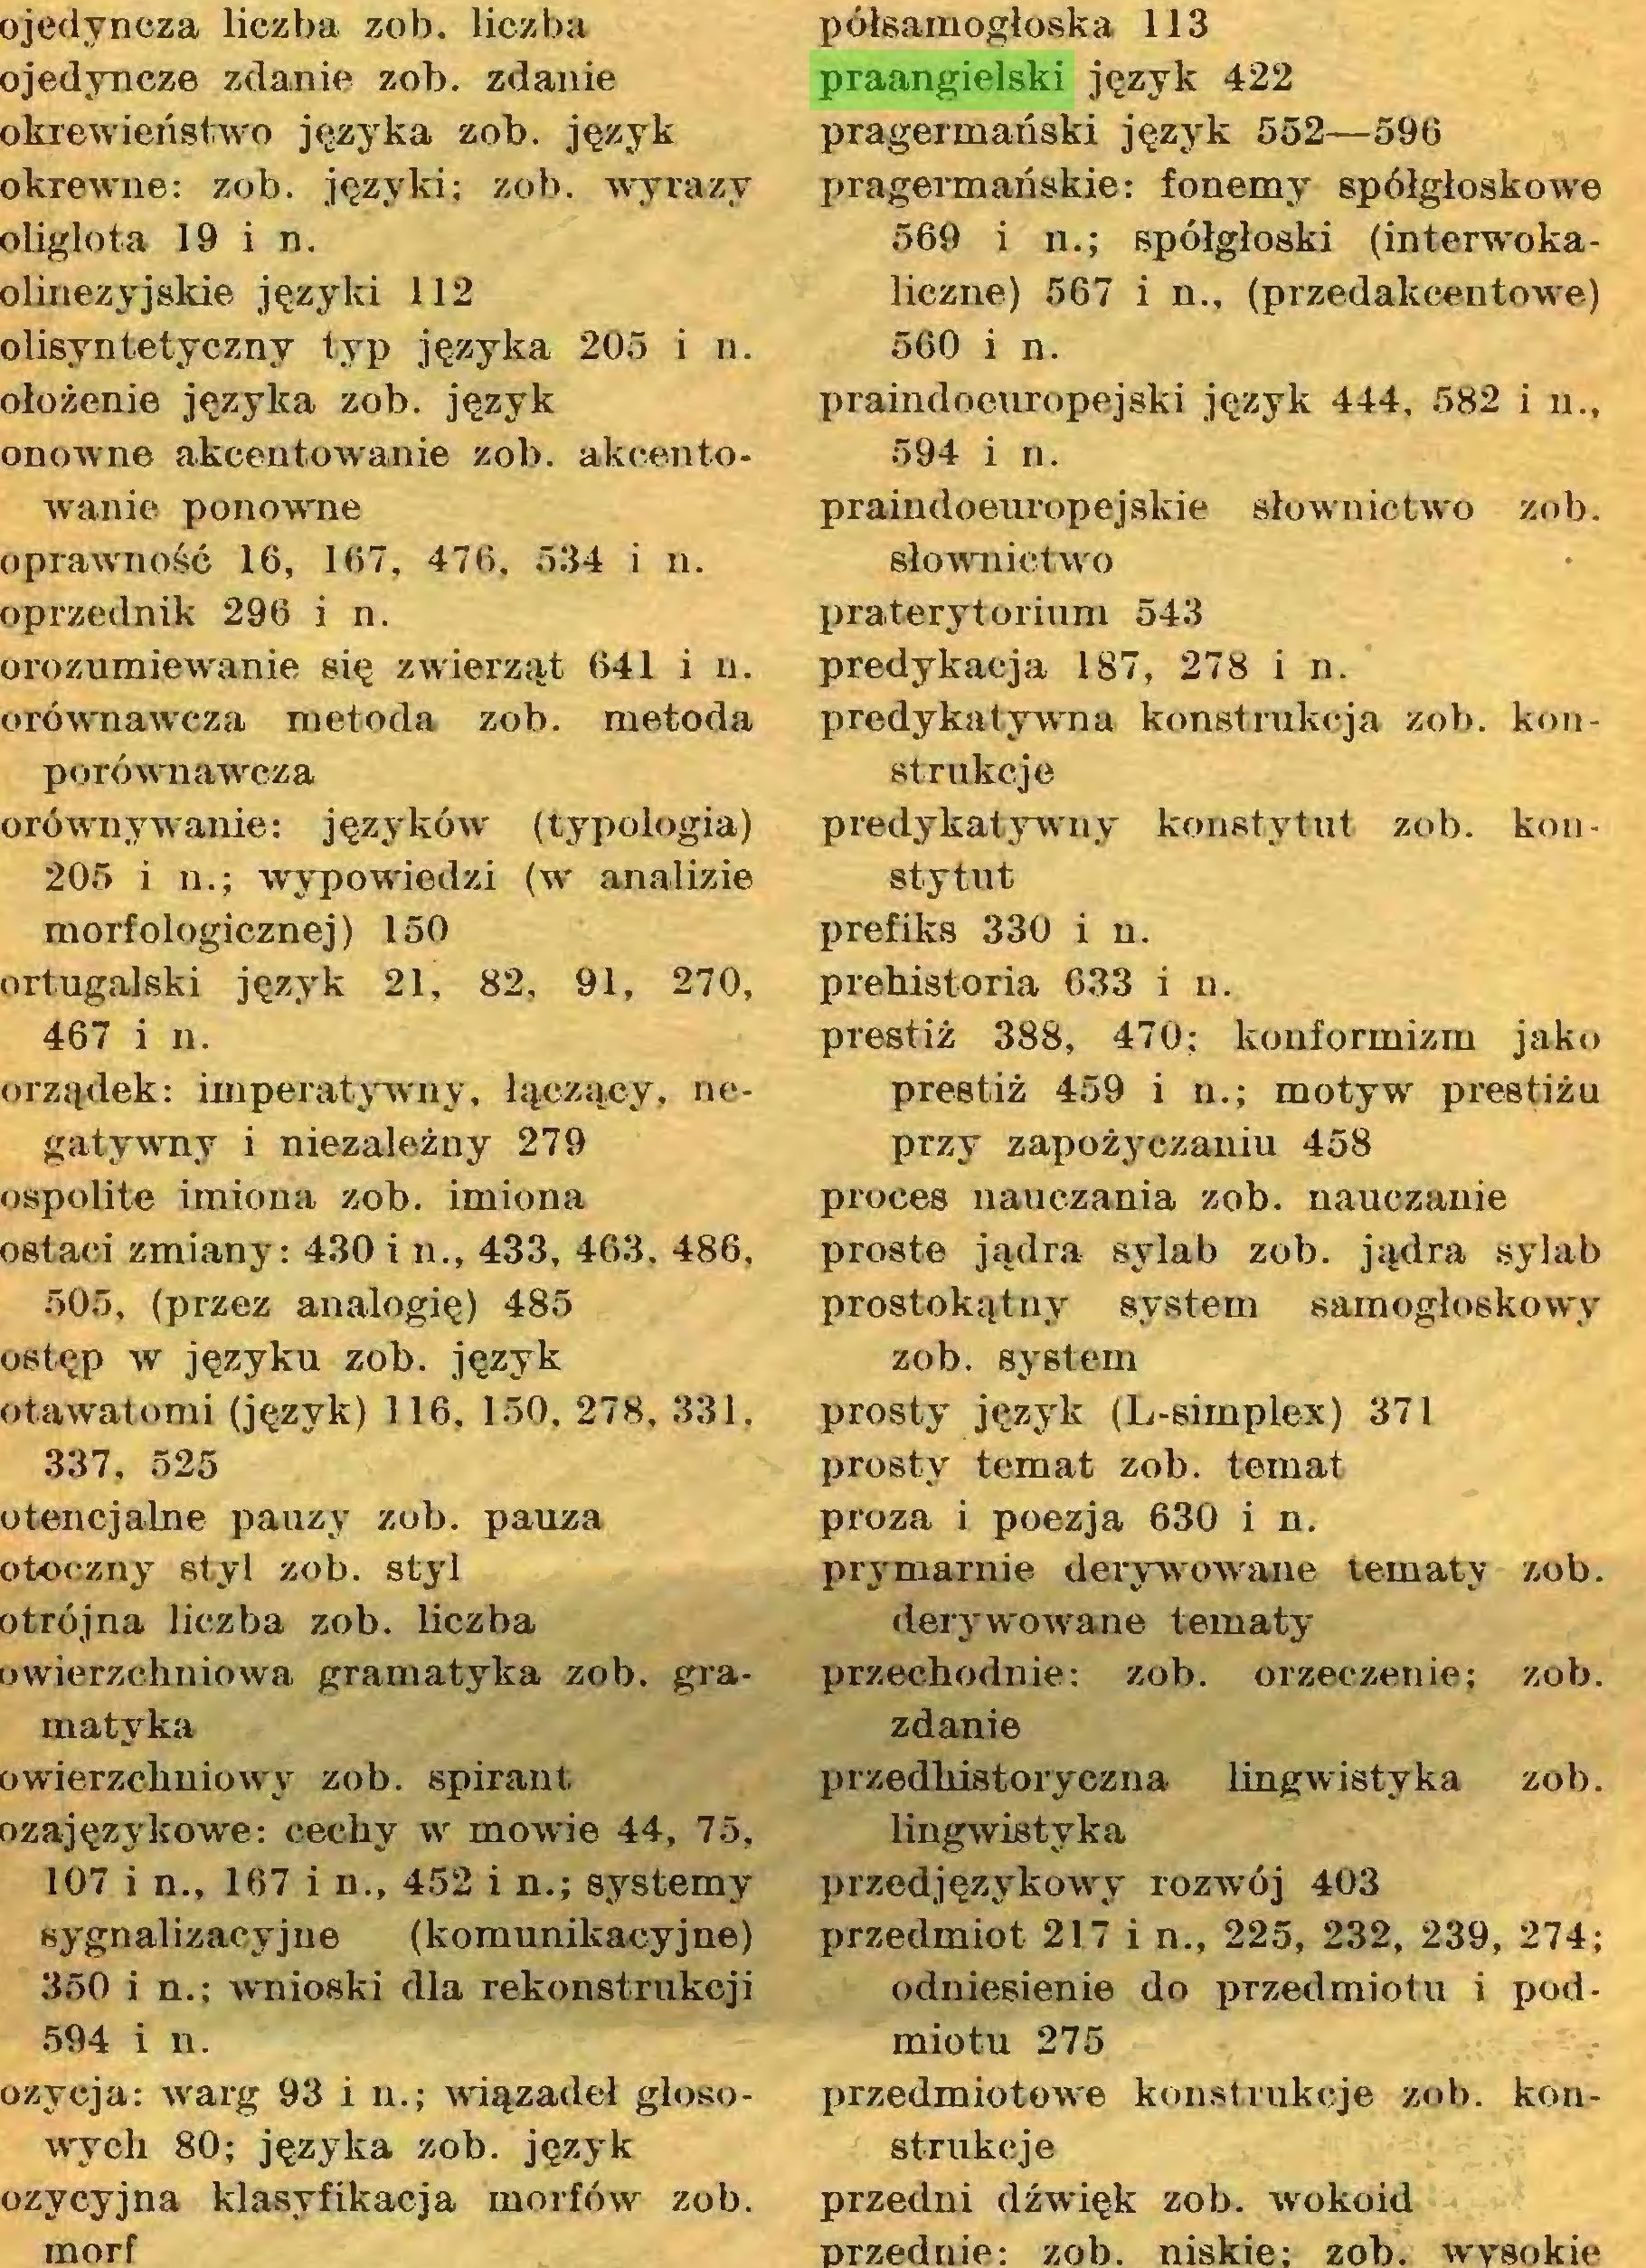 (...) morf półsamogłoska 113 praangielski język 422 pragermauski język 552—596 pragermariskie: fonemy spółgłoskowe 569 i n.; spółgłoski (interwokaliczne) 567 i n., (przedakcentowe) 560 i n...